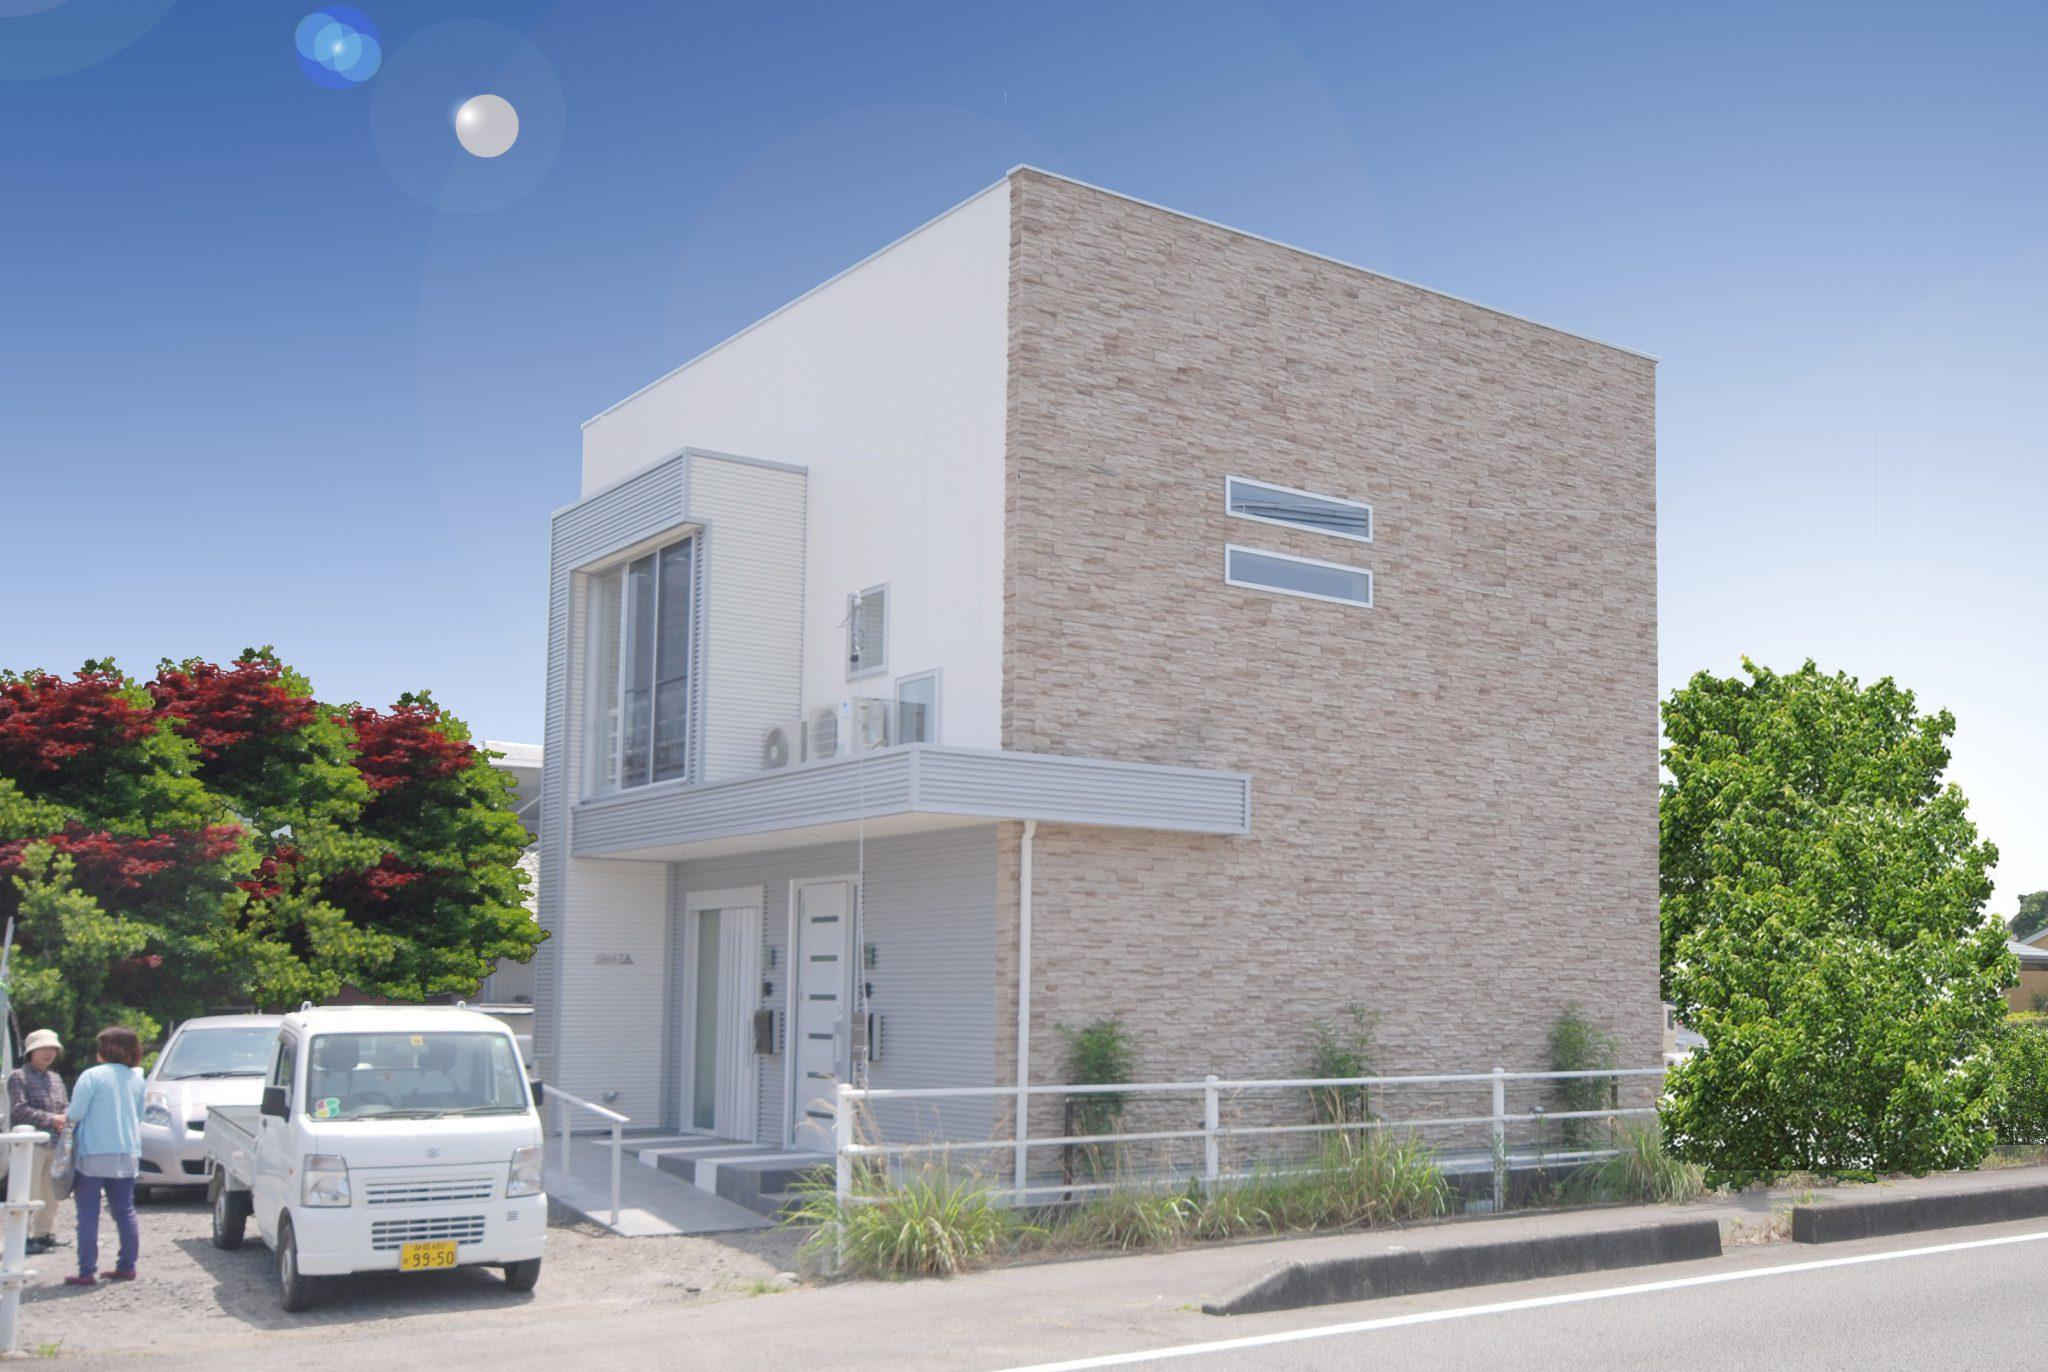 コストパフォーマンスを最大限に意識しながらもデザイン性と耐震性にこだわりを持った二世帯住宅